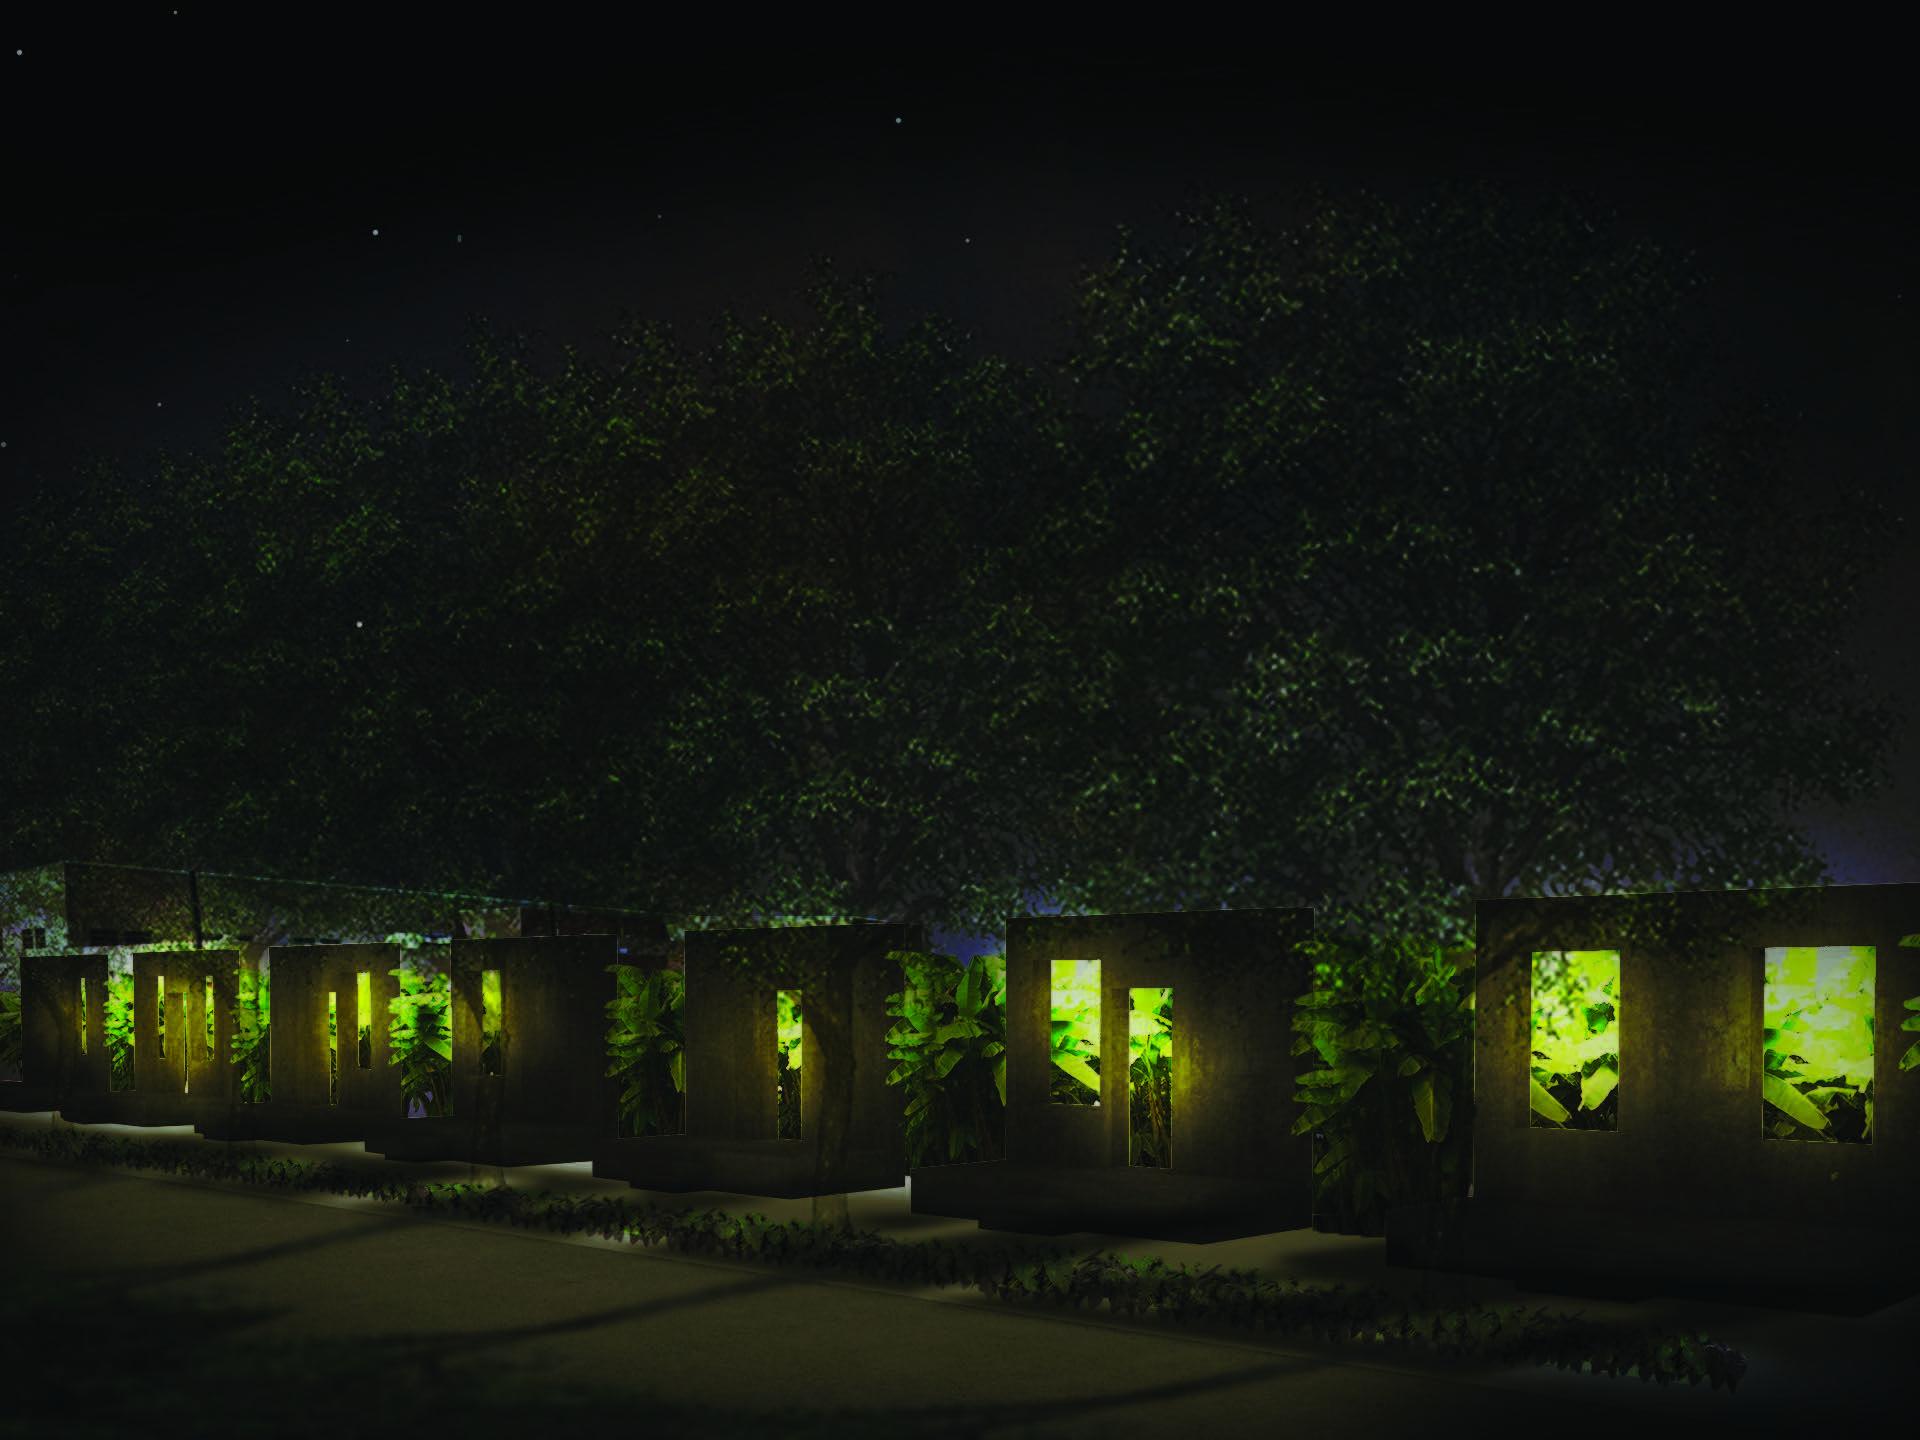 Genesee-street-night.jpg